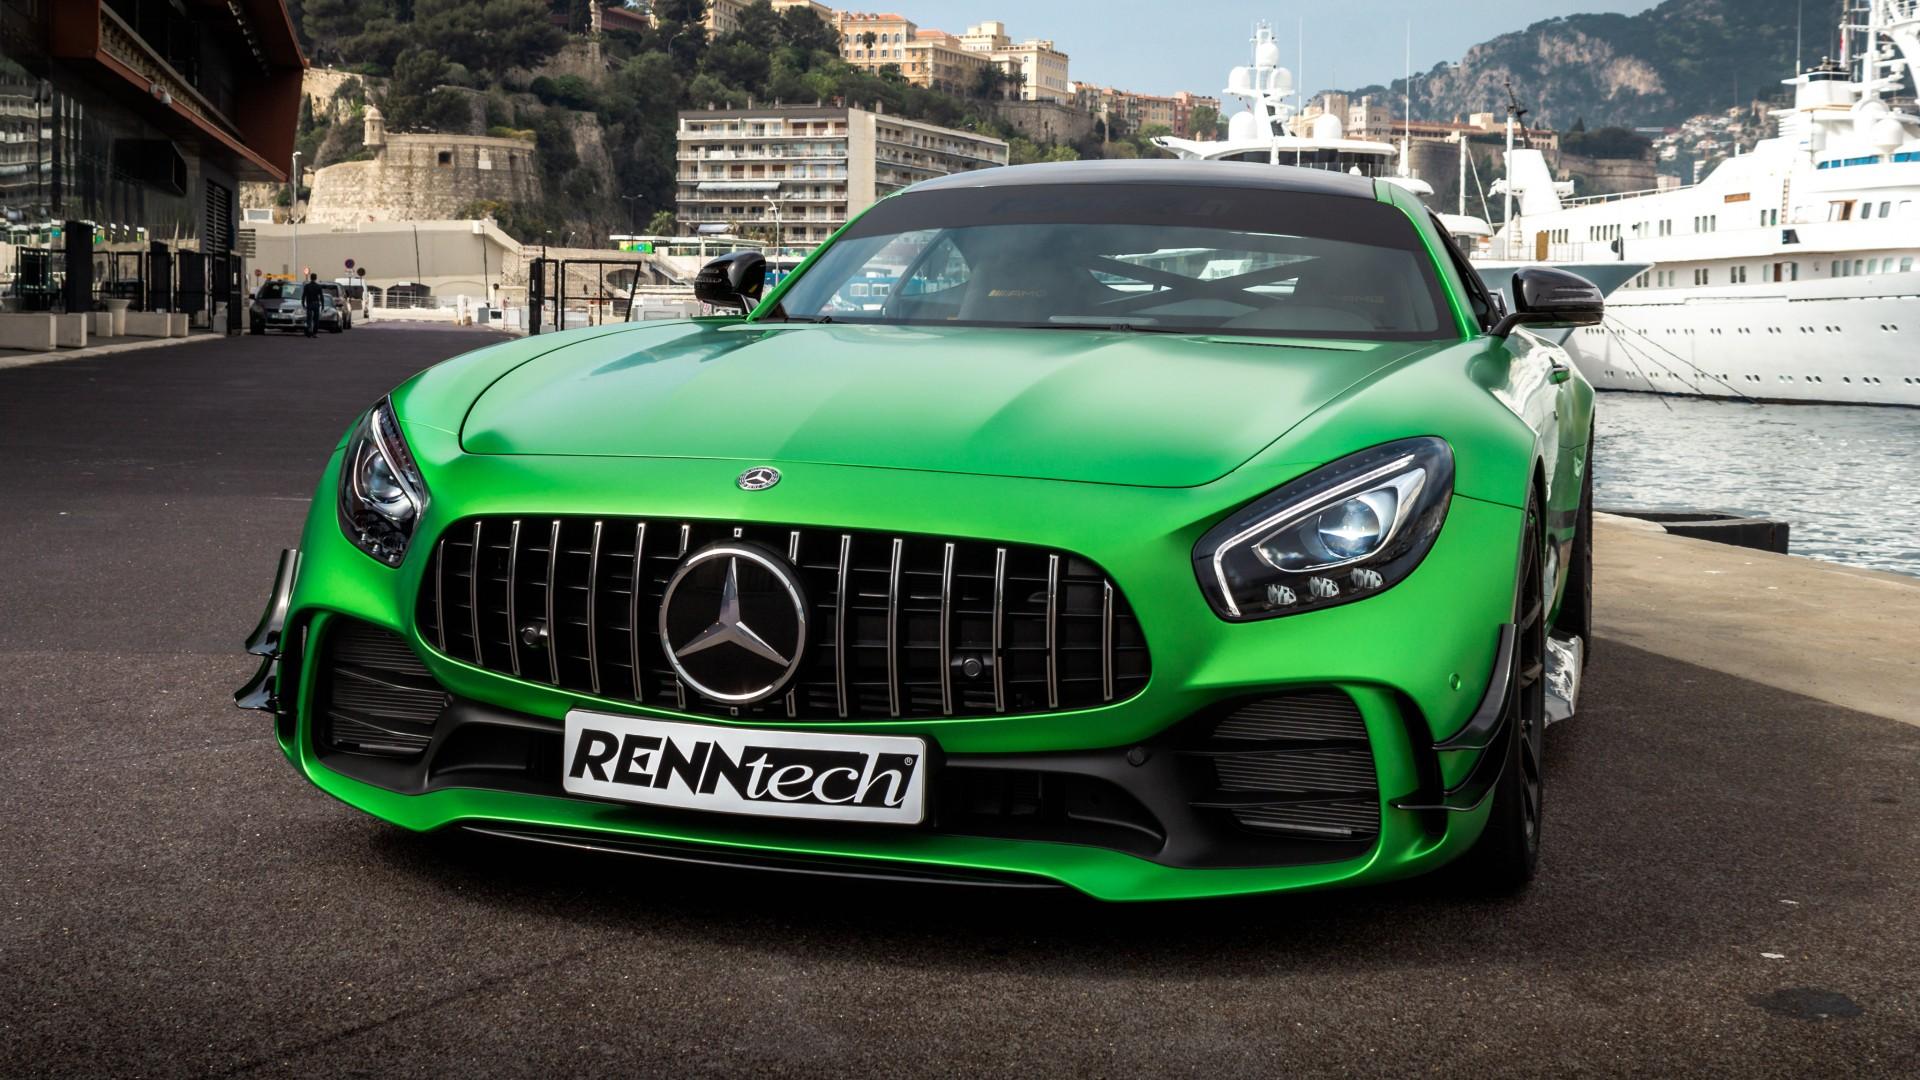 Renntech Mercedes Amg Gt R 2018 4k Wallpapers Hd